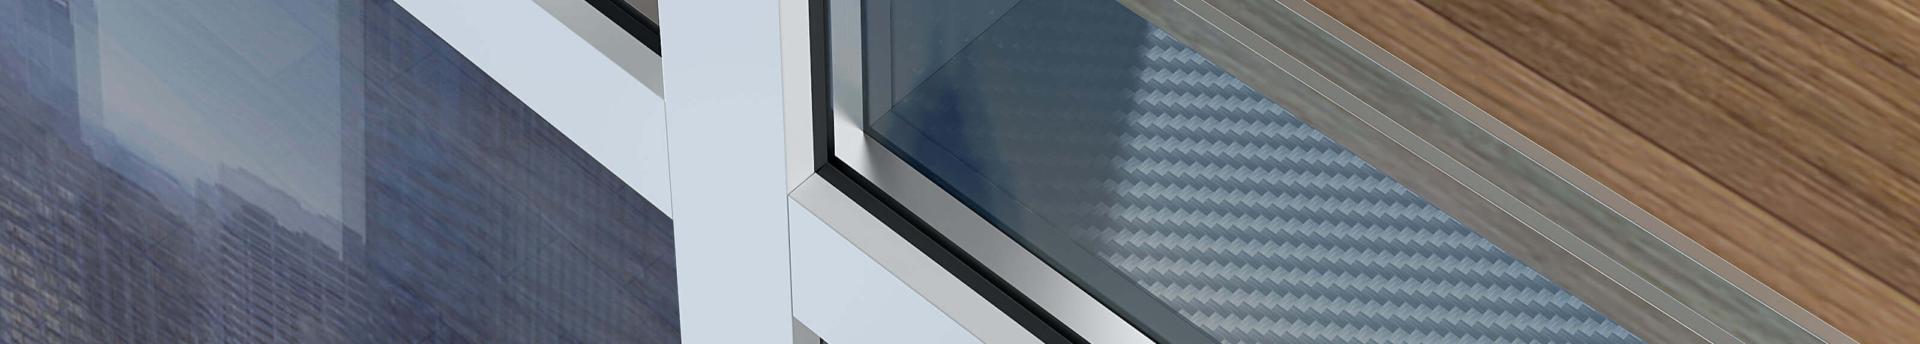 Pereți cortină din profile din aluminiu